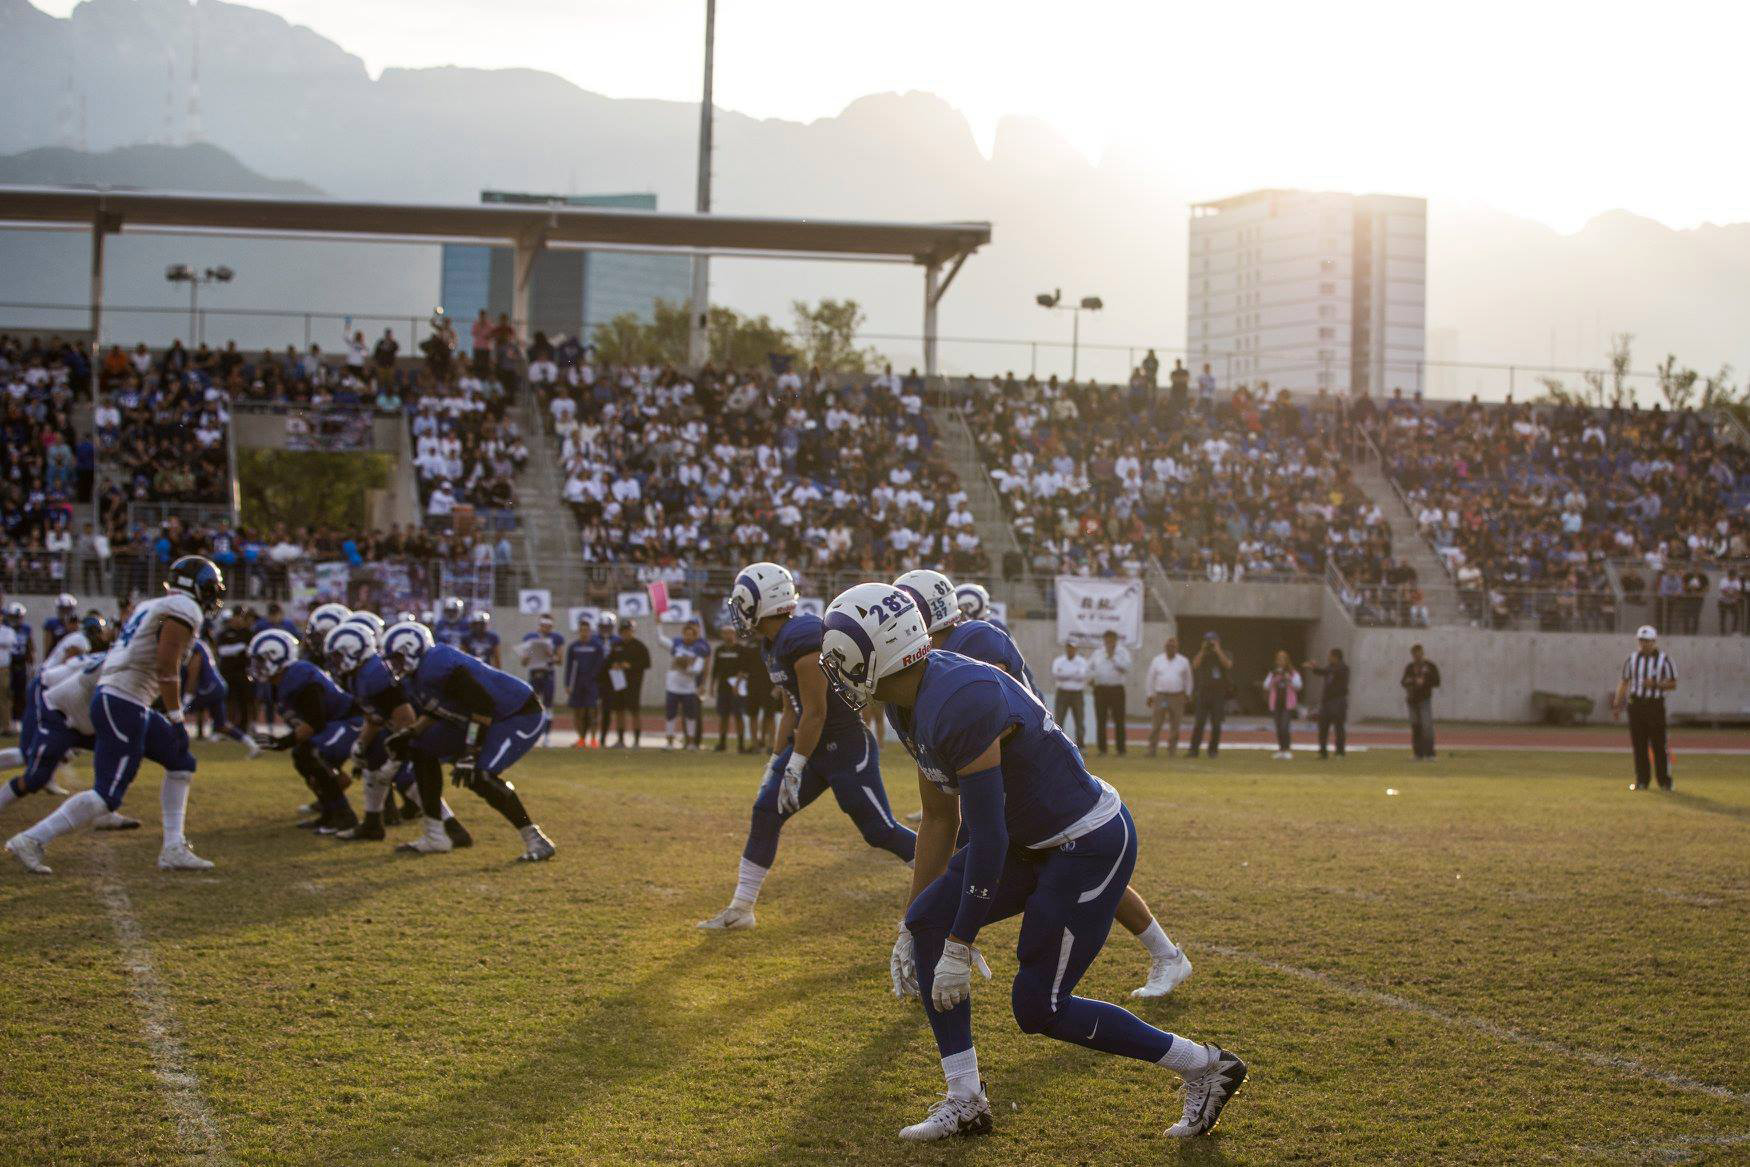 Juego Campeonato 2018: Tec de Monterrey vs. Borregos Toluca